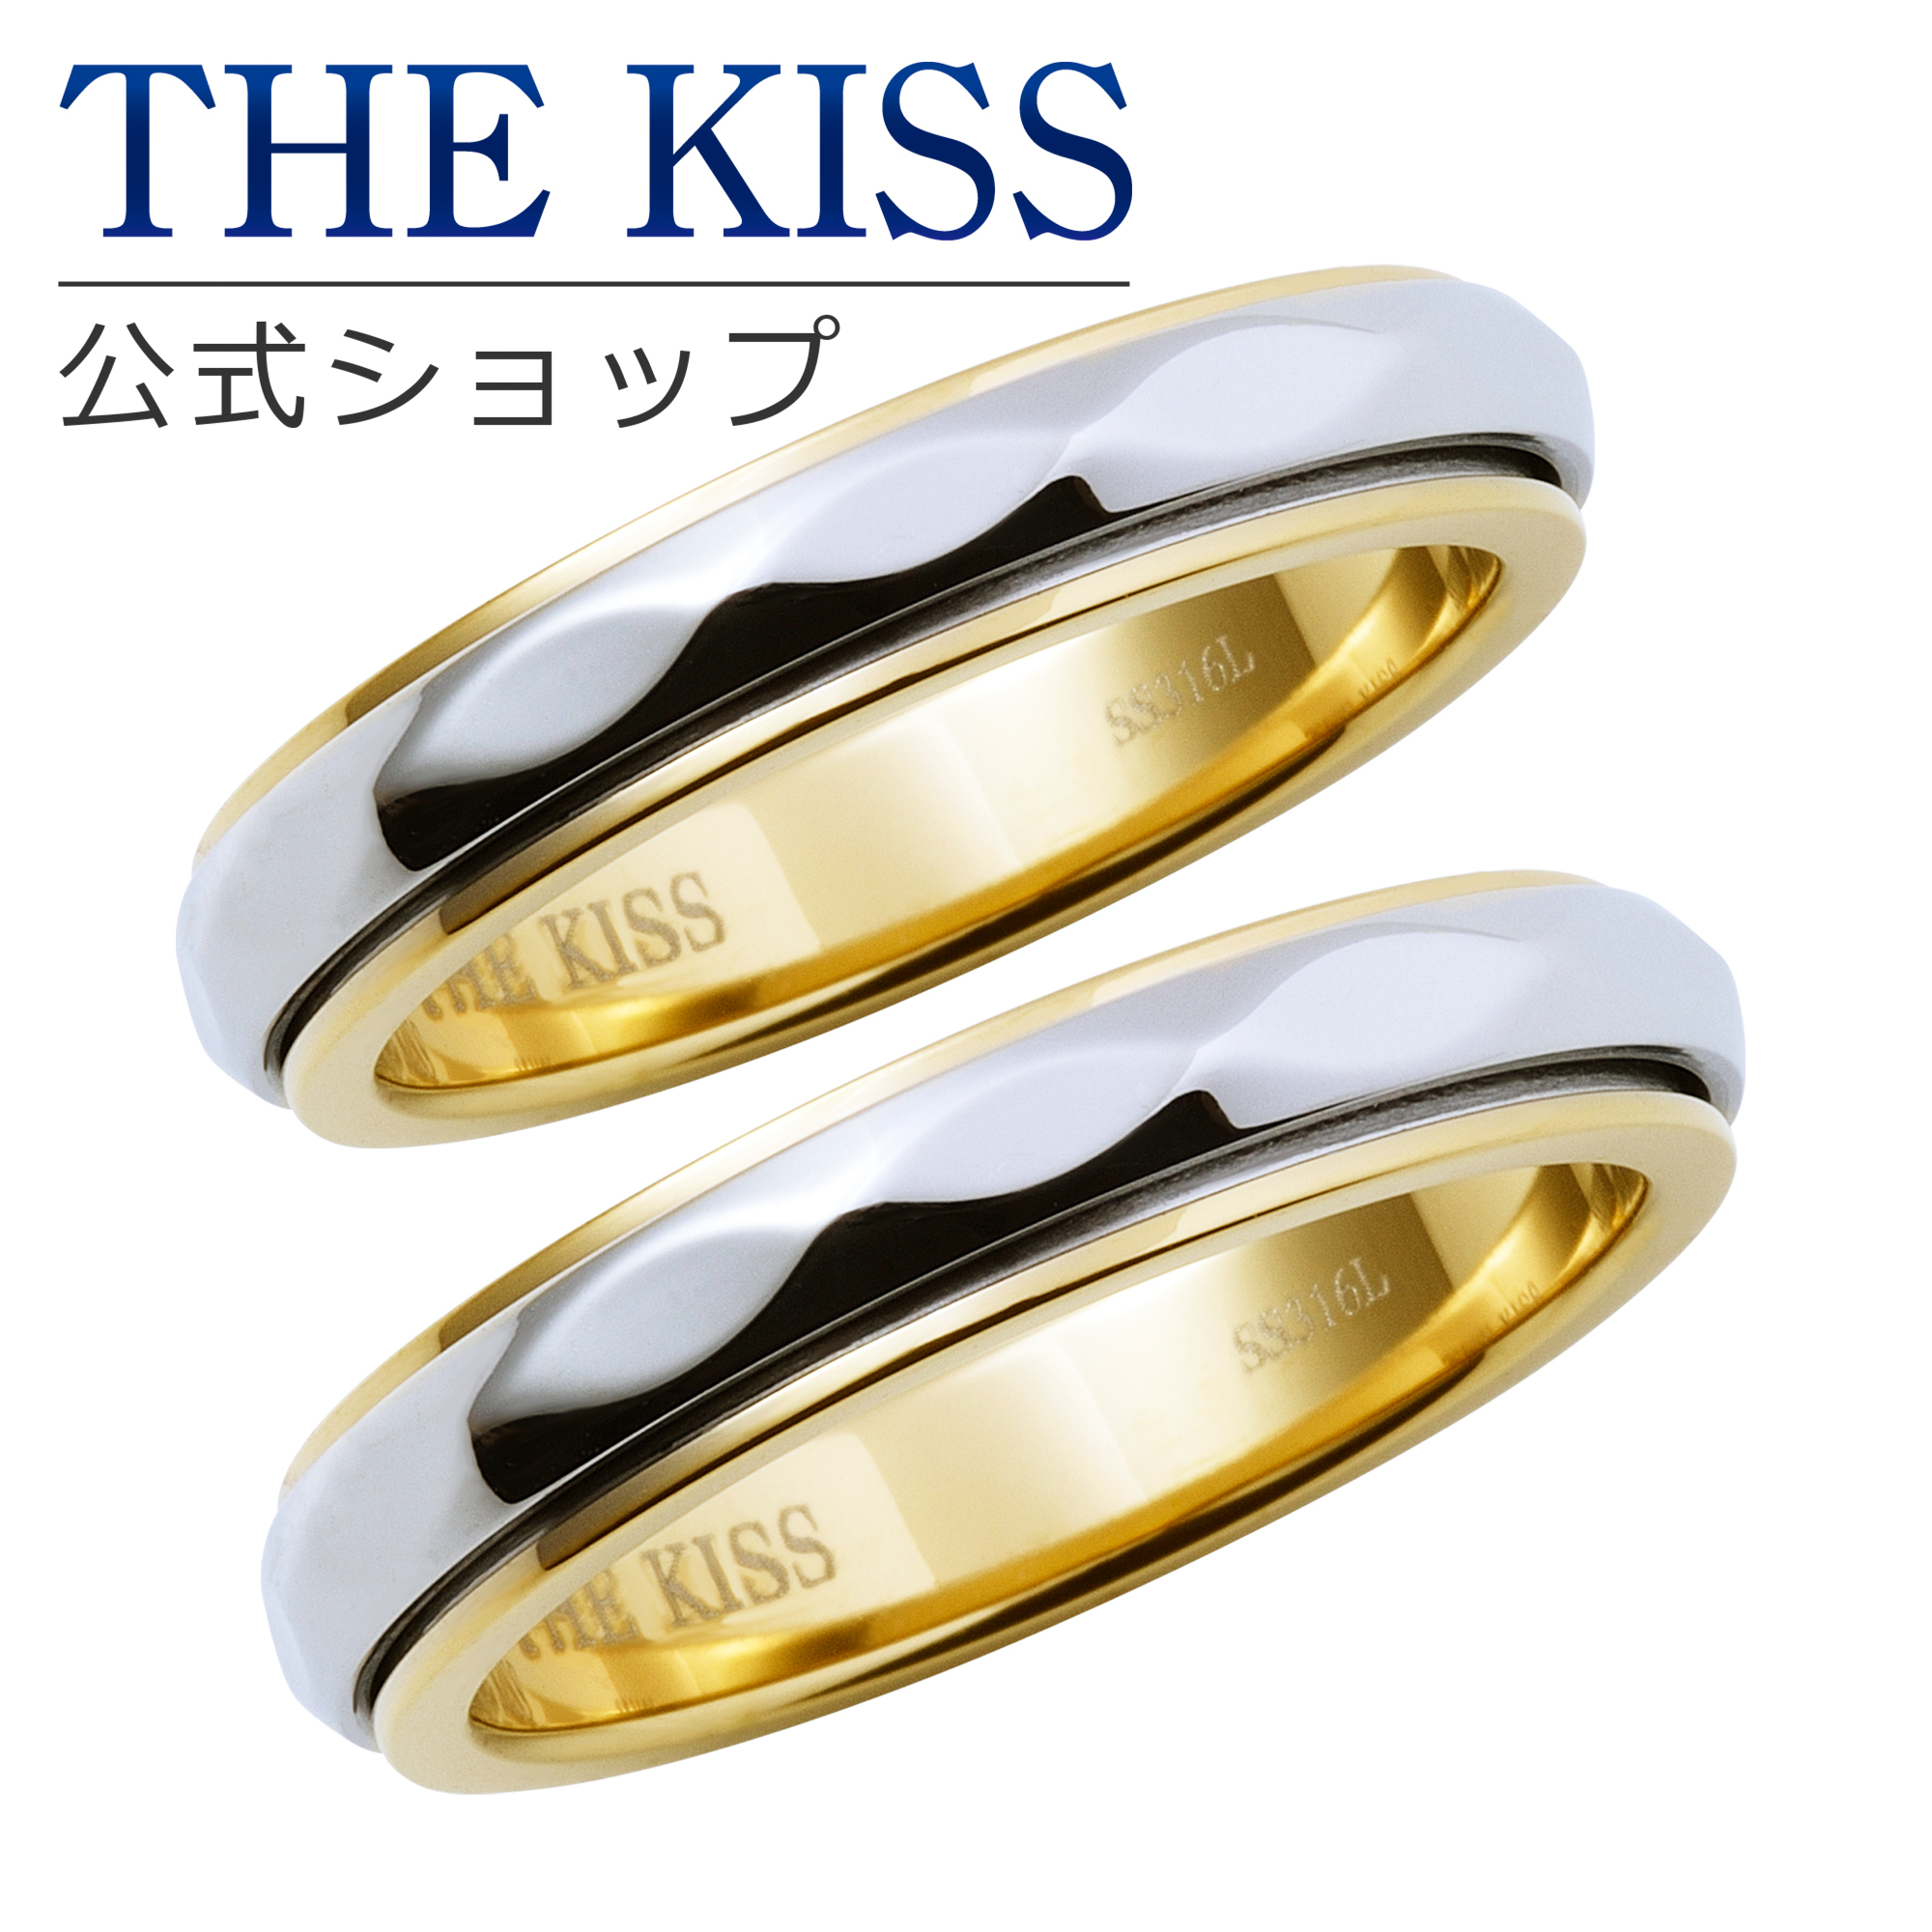 【あす楽対応】THE KISS 公式サイト シルバー ペアリング ペアアクセサリー カップル に 人気 の ジュエリーブランド THEKISS ペア リング・指輪 記念日 プレゼント TR1028YE-P セット シンプル ザキス 【送料無料】